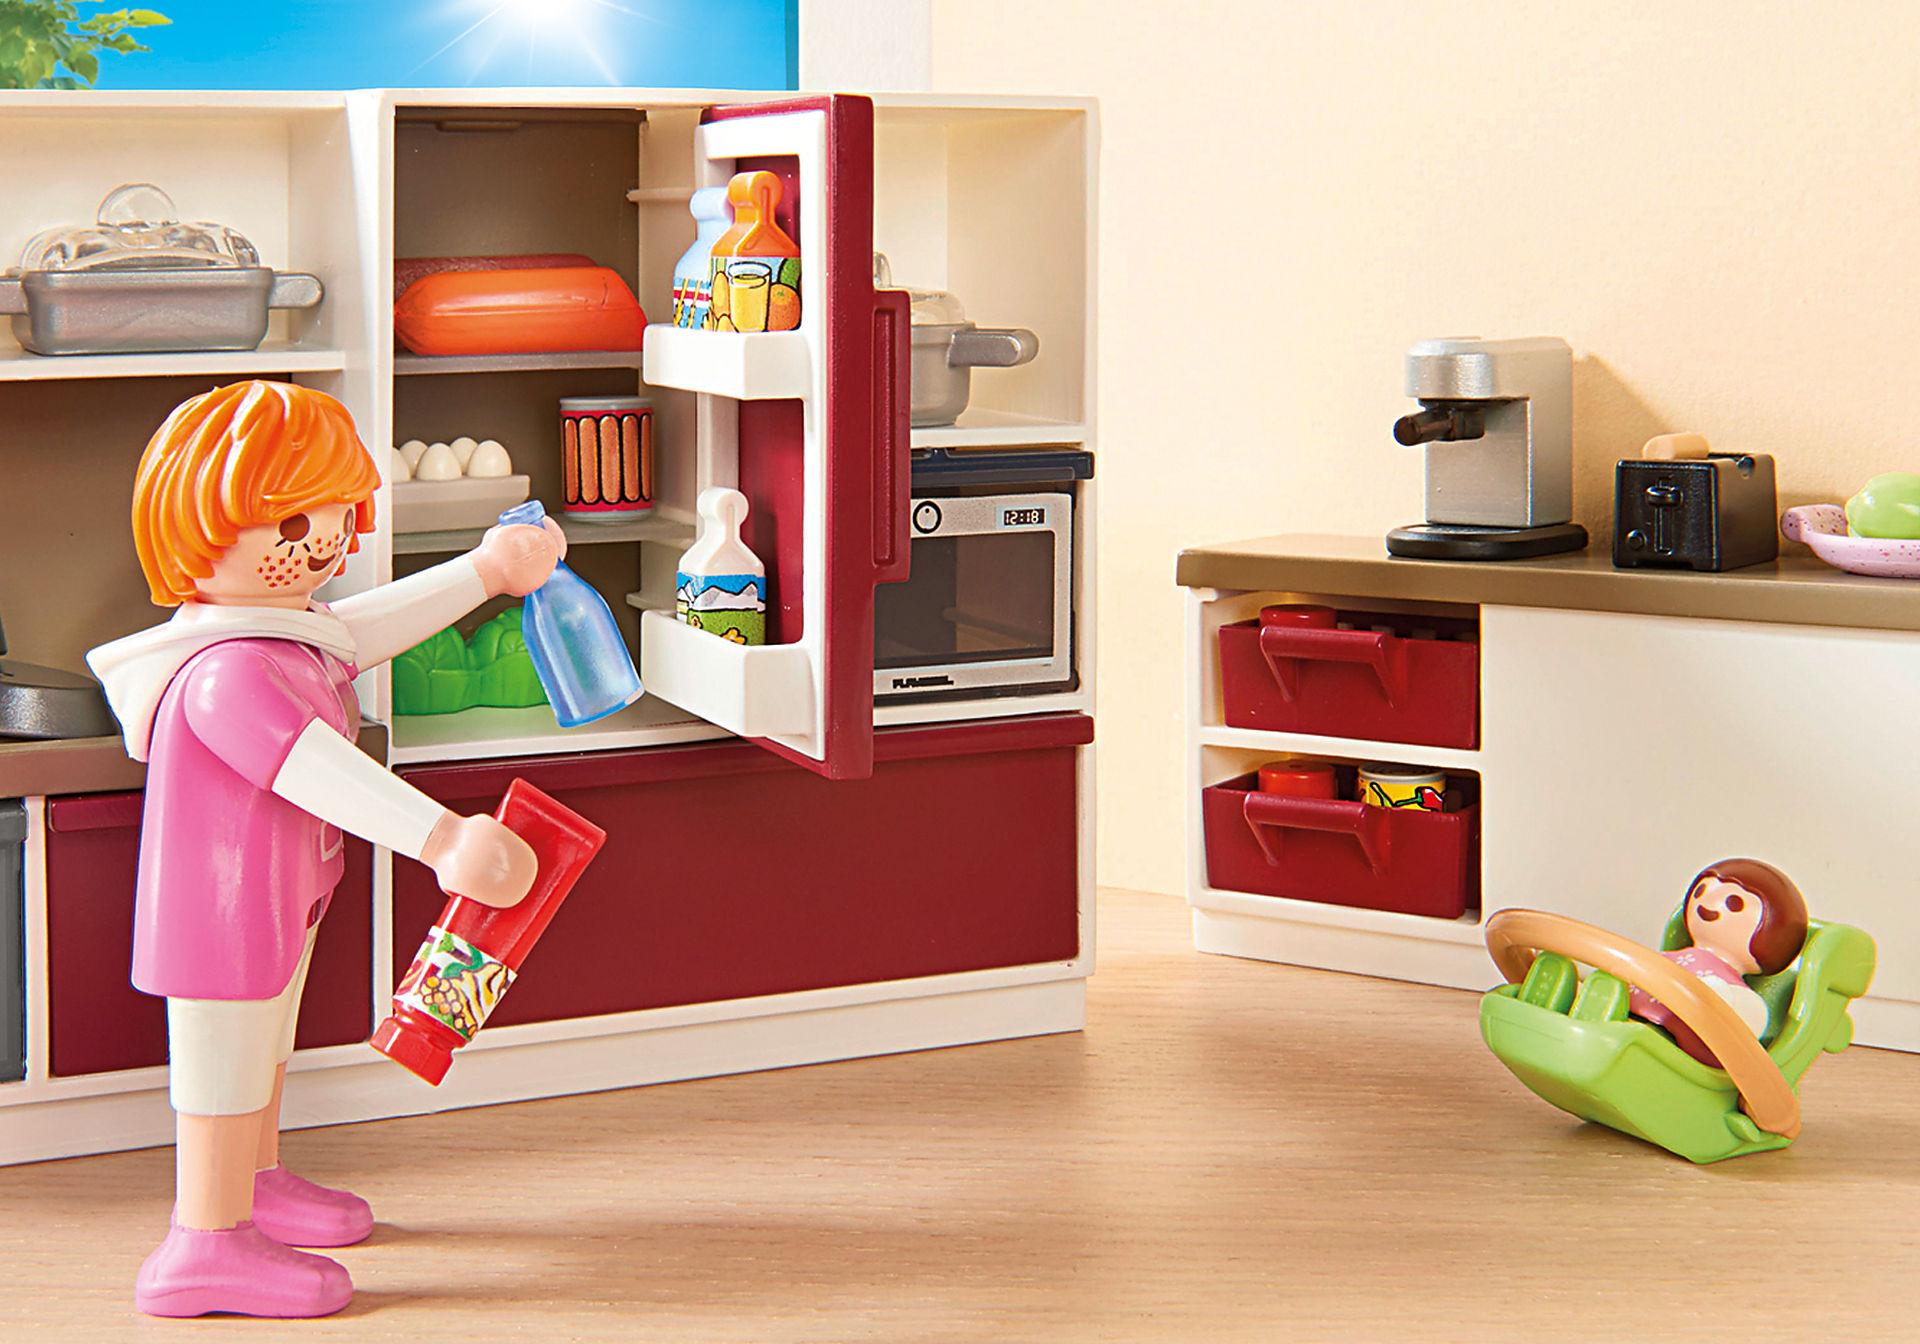 http://media.playmobil.com/i/playmobil/9269_product_extra3/Leefkeuken